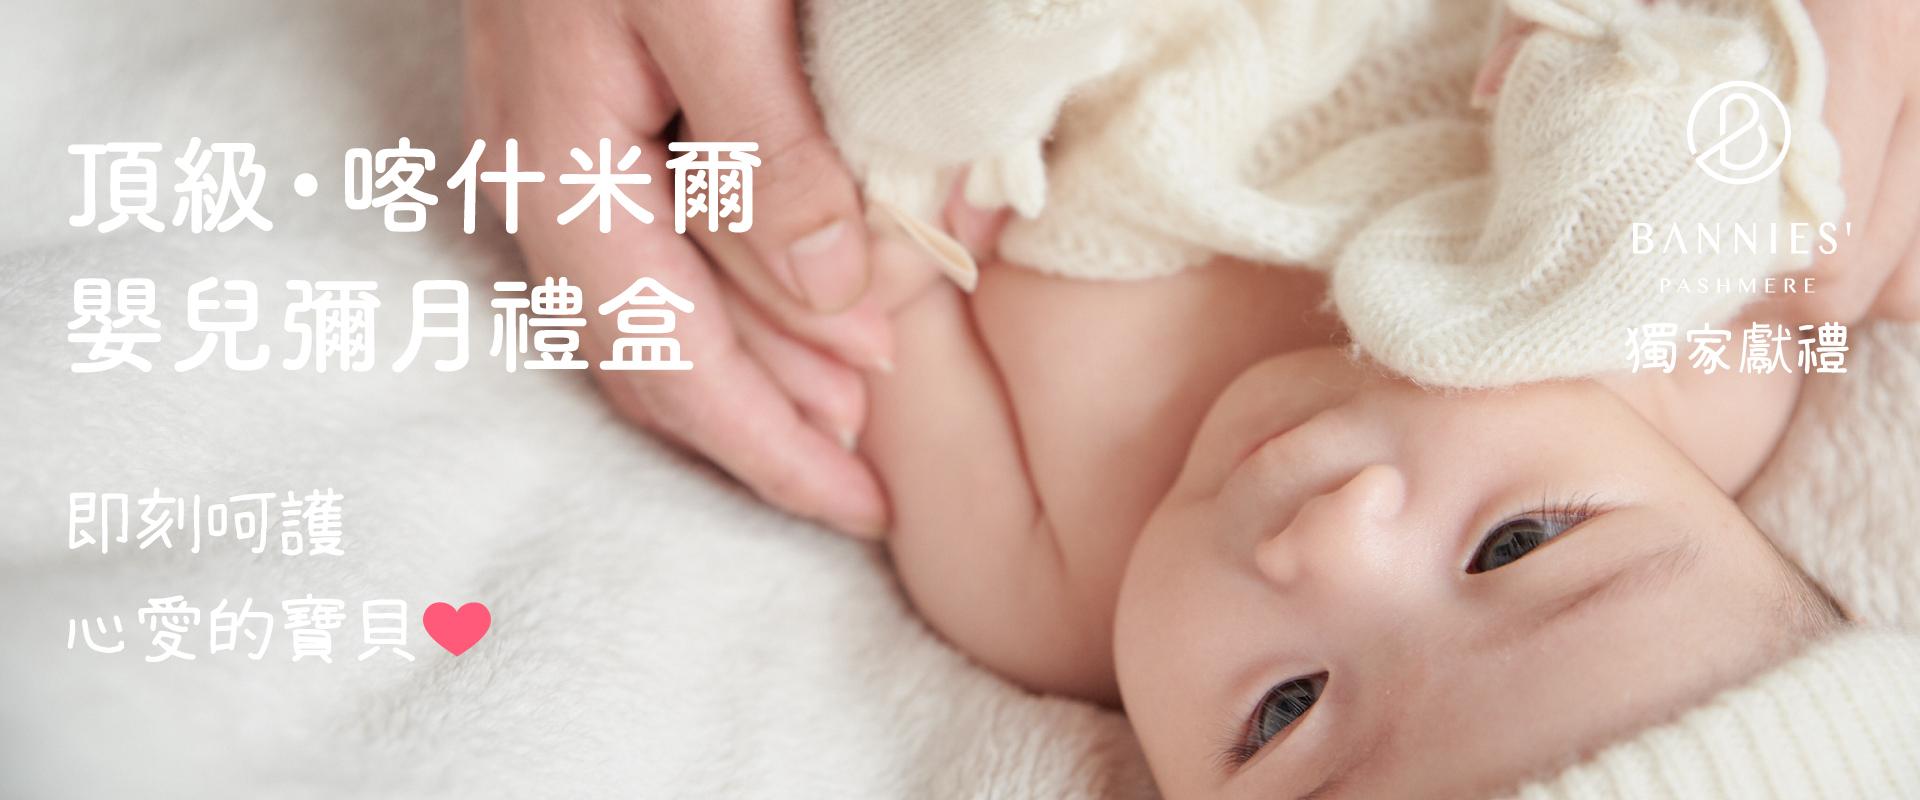 頂級嬰兒彌月禮盒,BANNIES' 獨家上市